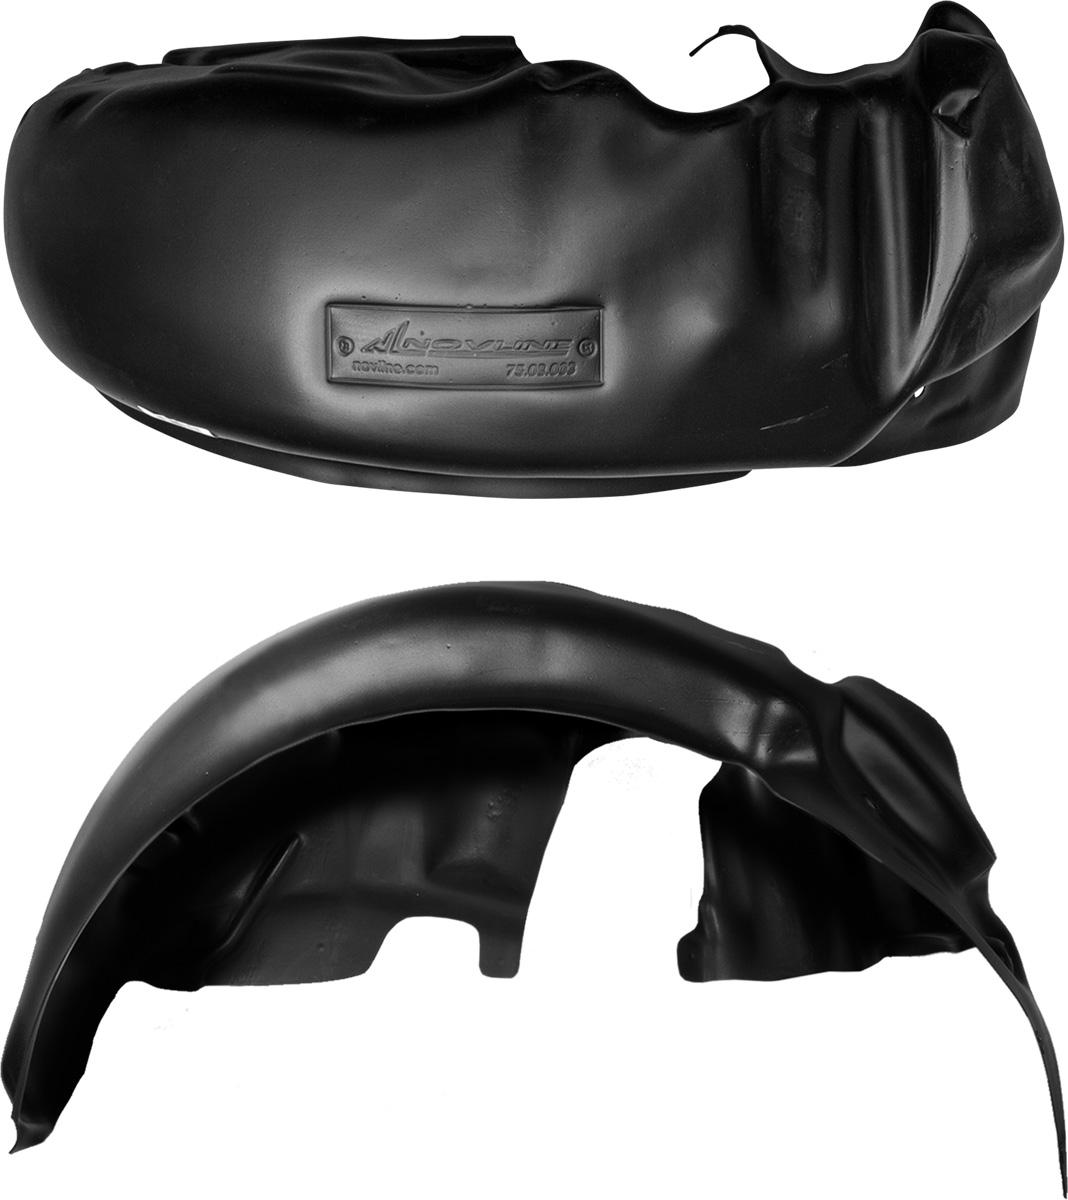 Подкрылок Novline-Autofamily, для Mitsubishi L200, 2007, 2010-> с расширителями арок, передний правыйVCA-00Колесные ниши - одни из самых уязвимых зон днища вашего автомобиля. Они постоянно подвергаются воздействию со стороны дороги. Лучшая, почти абсолютная защита для них - специально отформованные пластиковые кожухи, которые называются подкрылками. Производятся они как для отечественных моделей автомобилей, так и для иномарок. Подкрылки Novline-Autofamily выполнены из высококачественного, экологически чистого пластика. Обеспечивают надежную защиту кузова автомобиля от пескоструйного эффекта и негативного влияния, агрессивных антигололедных реагентов. Пластик обладает более низкой теплопроводностью, чем металл, поэтому в зимний период эксплуатации использование пластиковых подкрылков позволяет лучше защитить колесные ниши от налипания снега и образования наледи. Оригинальность конструкции подчеркивает элегантность автомобиля, бережно защищает нанесенное на днище кузова антикоррозийное покрытие и позволяет осуществить крепление подкрылков внутри колесной арки практически без дополнительного крепежа и сверления, не нарушая при этом лакокрасочного покрытия, что предотвращает возникновение новых очагов коррозии. Подкрылки долговечны, обладают высокой прочностью и сохраняют заданную форму, а также все свои физико-механические характеристики в самых тяжелых климатических условиях (от -50°С до +50°С).Уважаемые клиенты!Обращаем ваше внимание, на тот факт, что подкрылок имеет форму, соответствующую модели данного автомобиля. Фото служит для визуального восприятия товара.